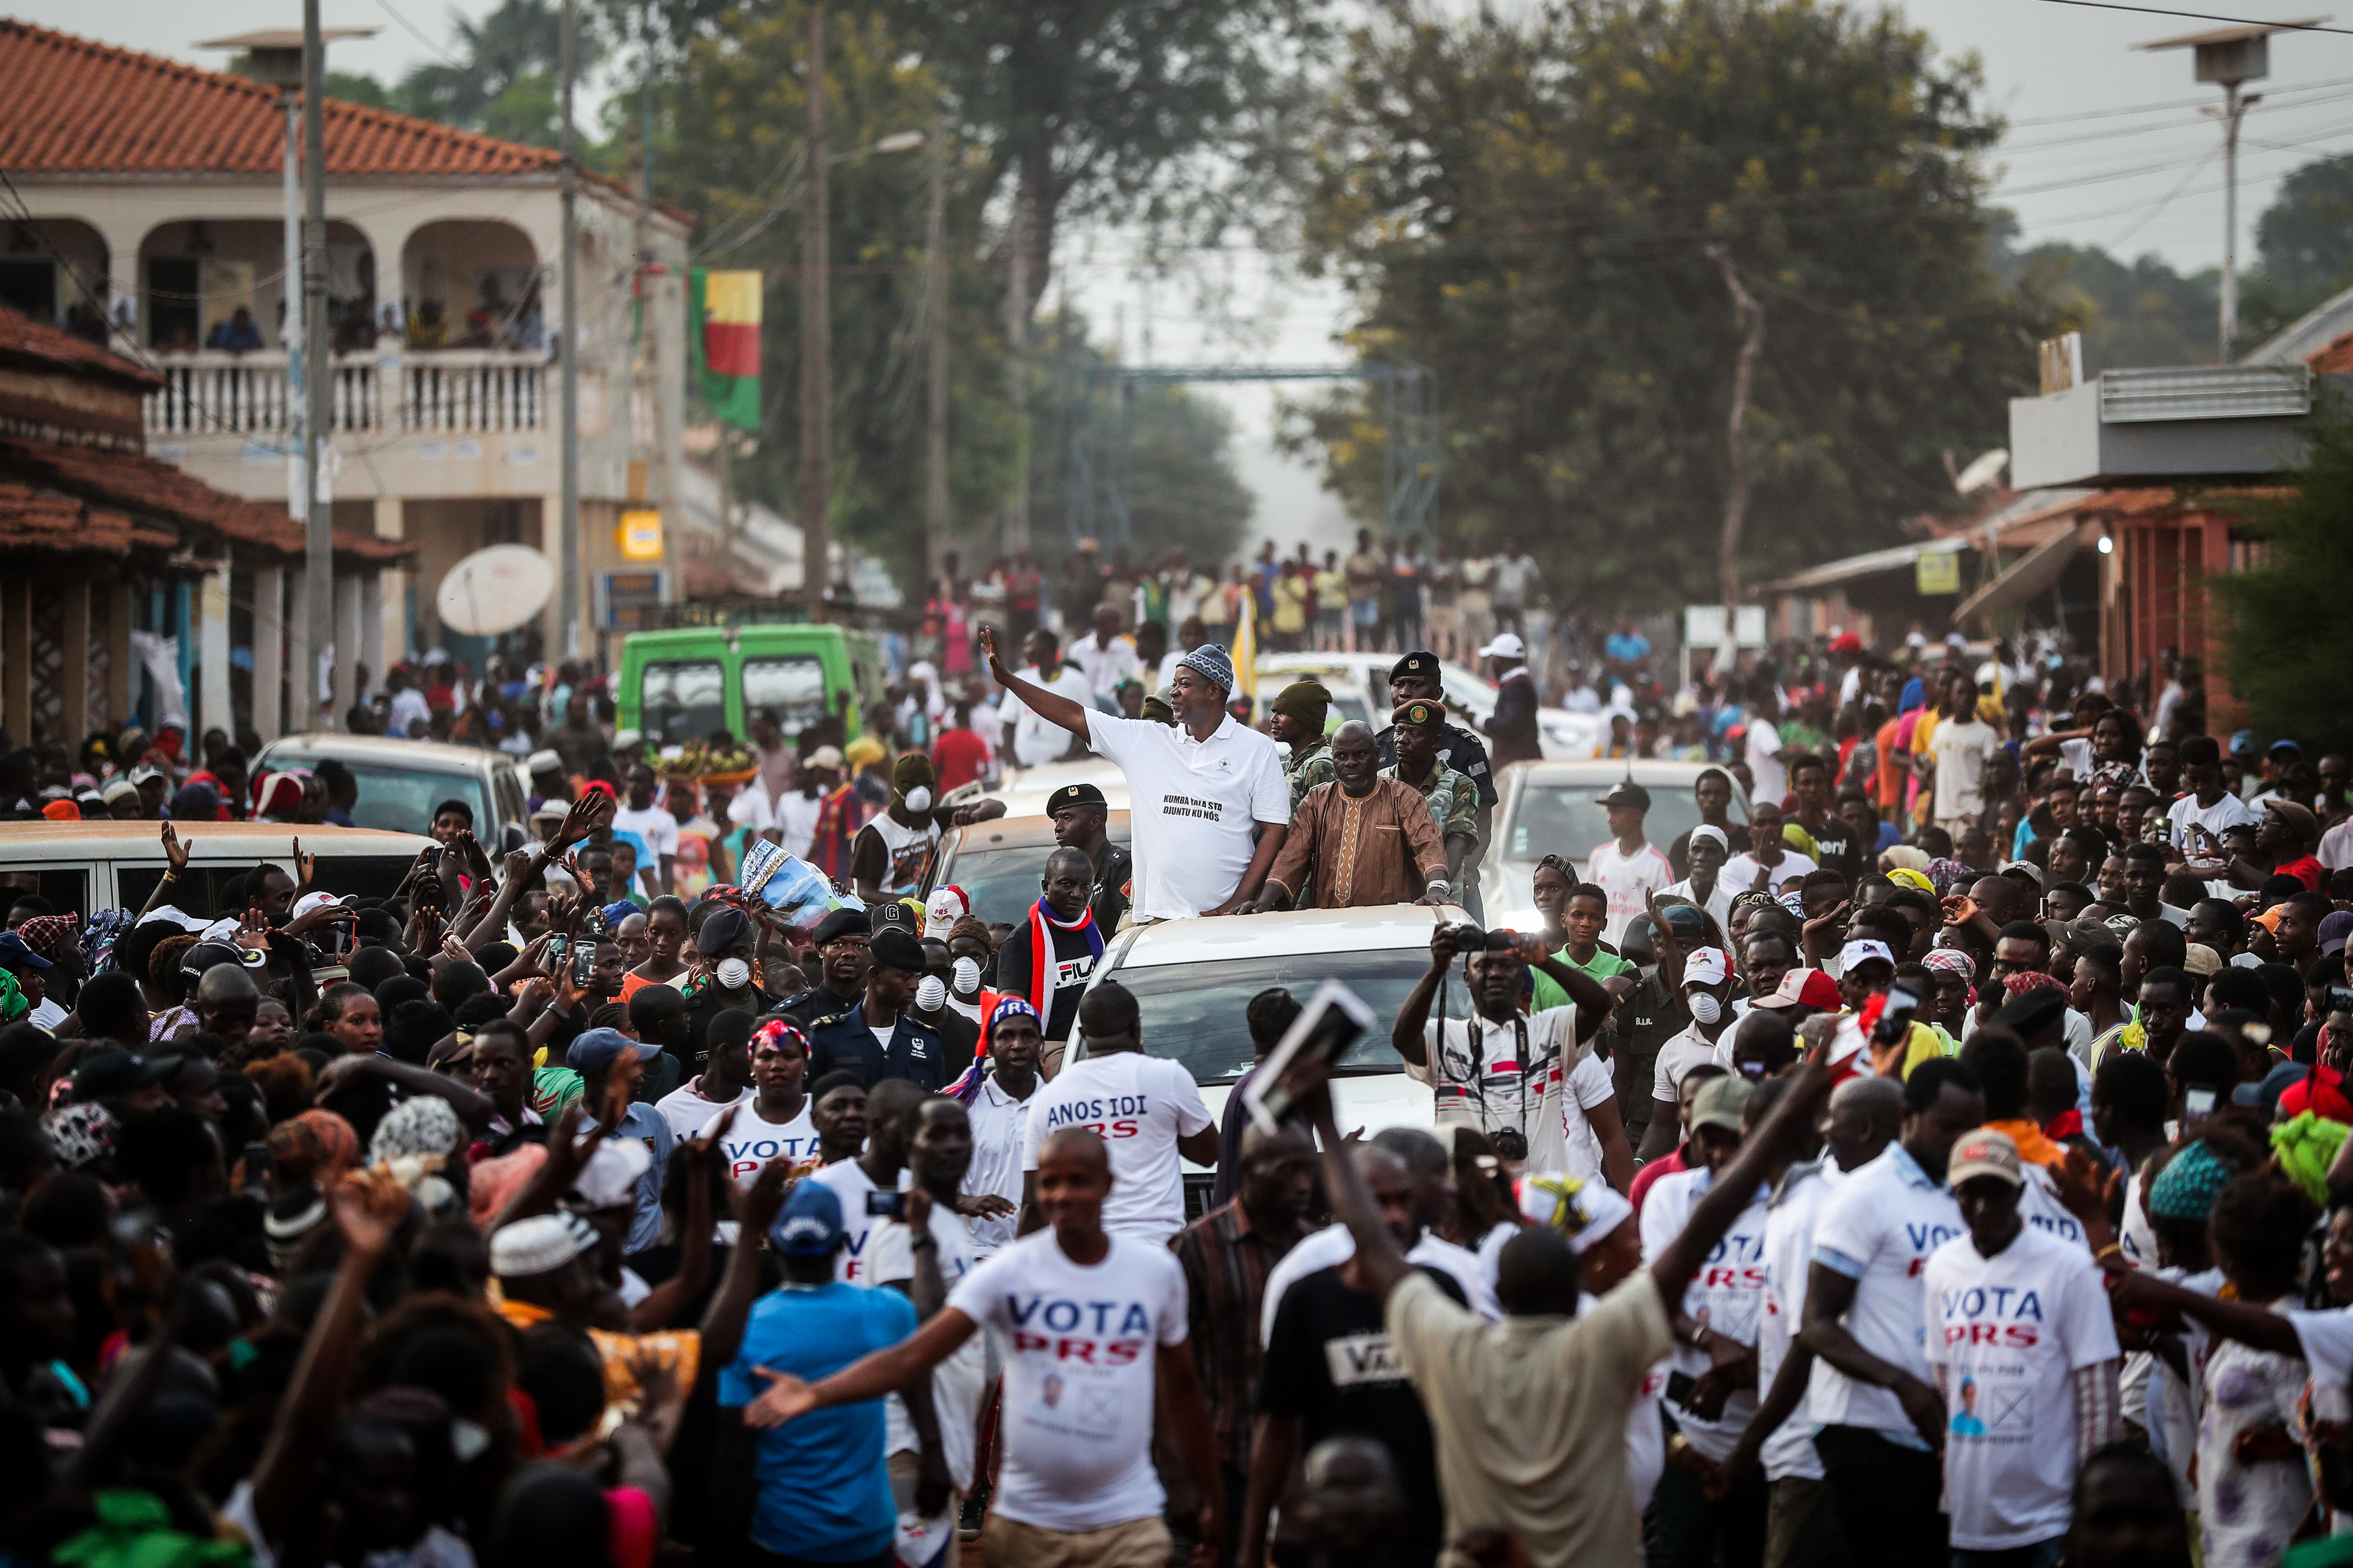 Angola diz que conselho da União Africana deve acompanhar processo eleitoral na Guiné-Bissau